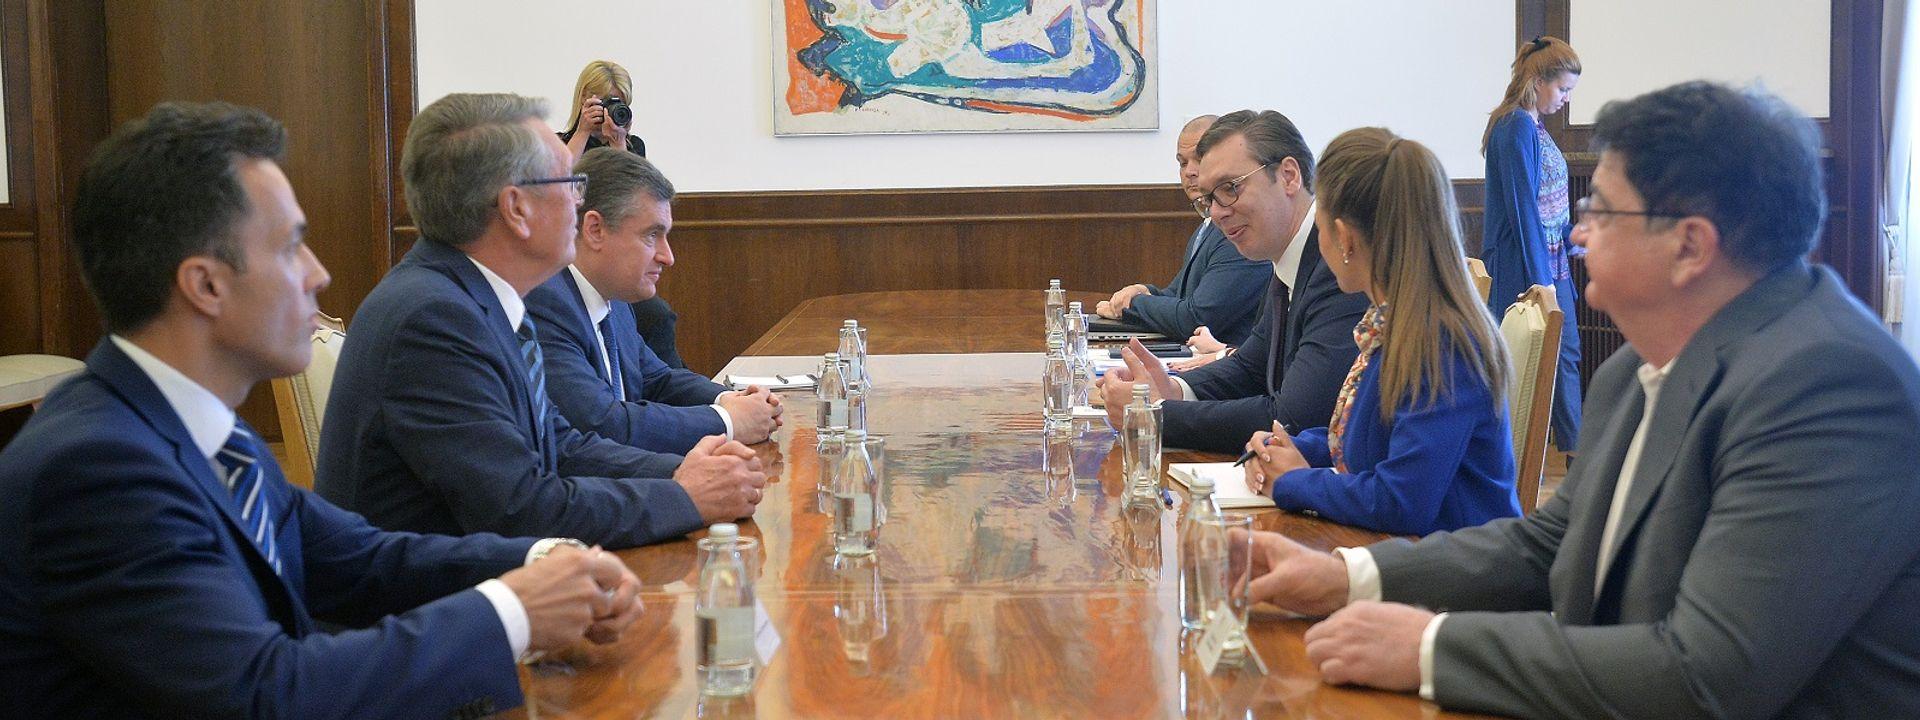 Слуцки: Русија ће увек подржавати ставове Србије, посебно кад је у питању Косово и Метохија